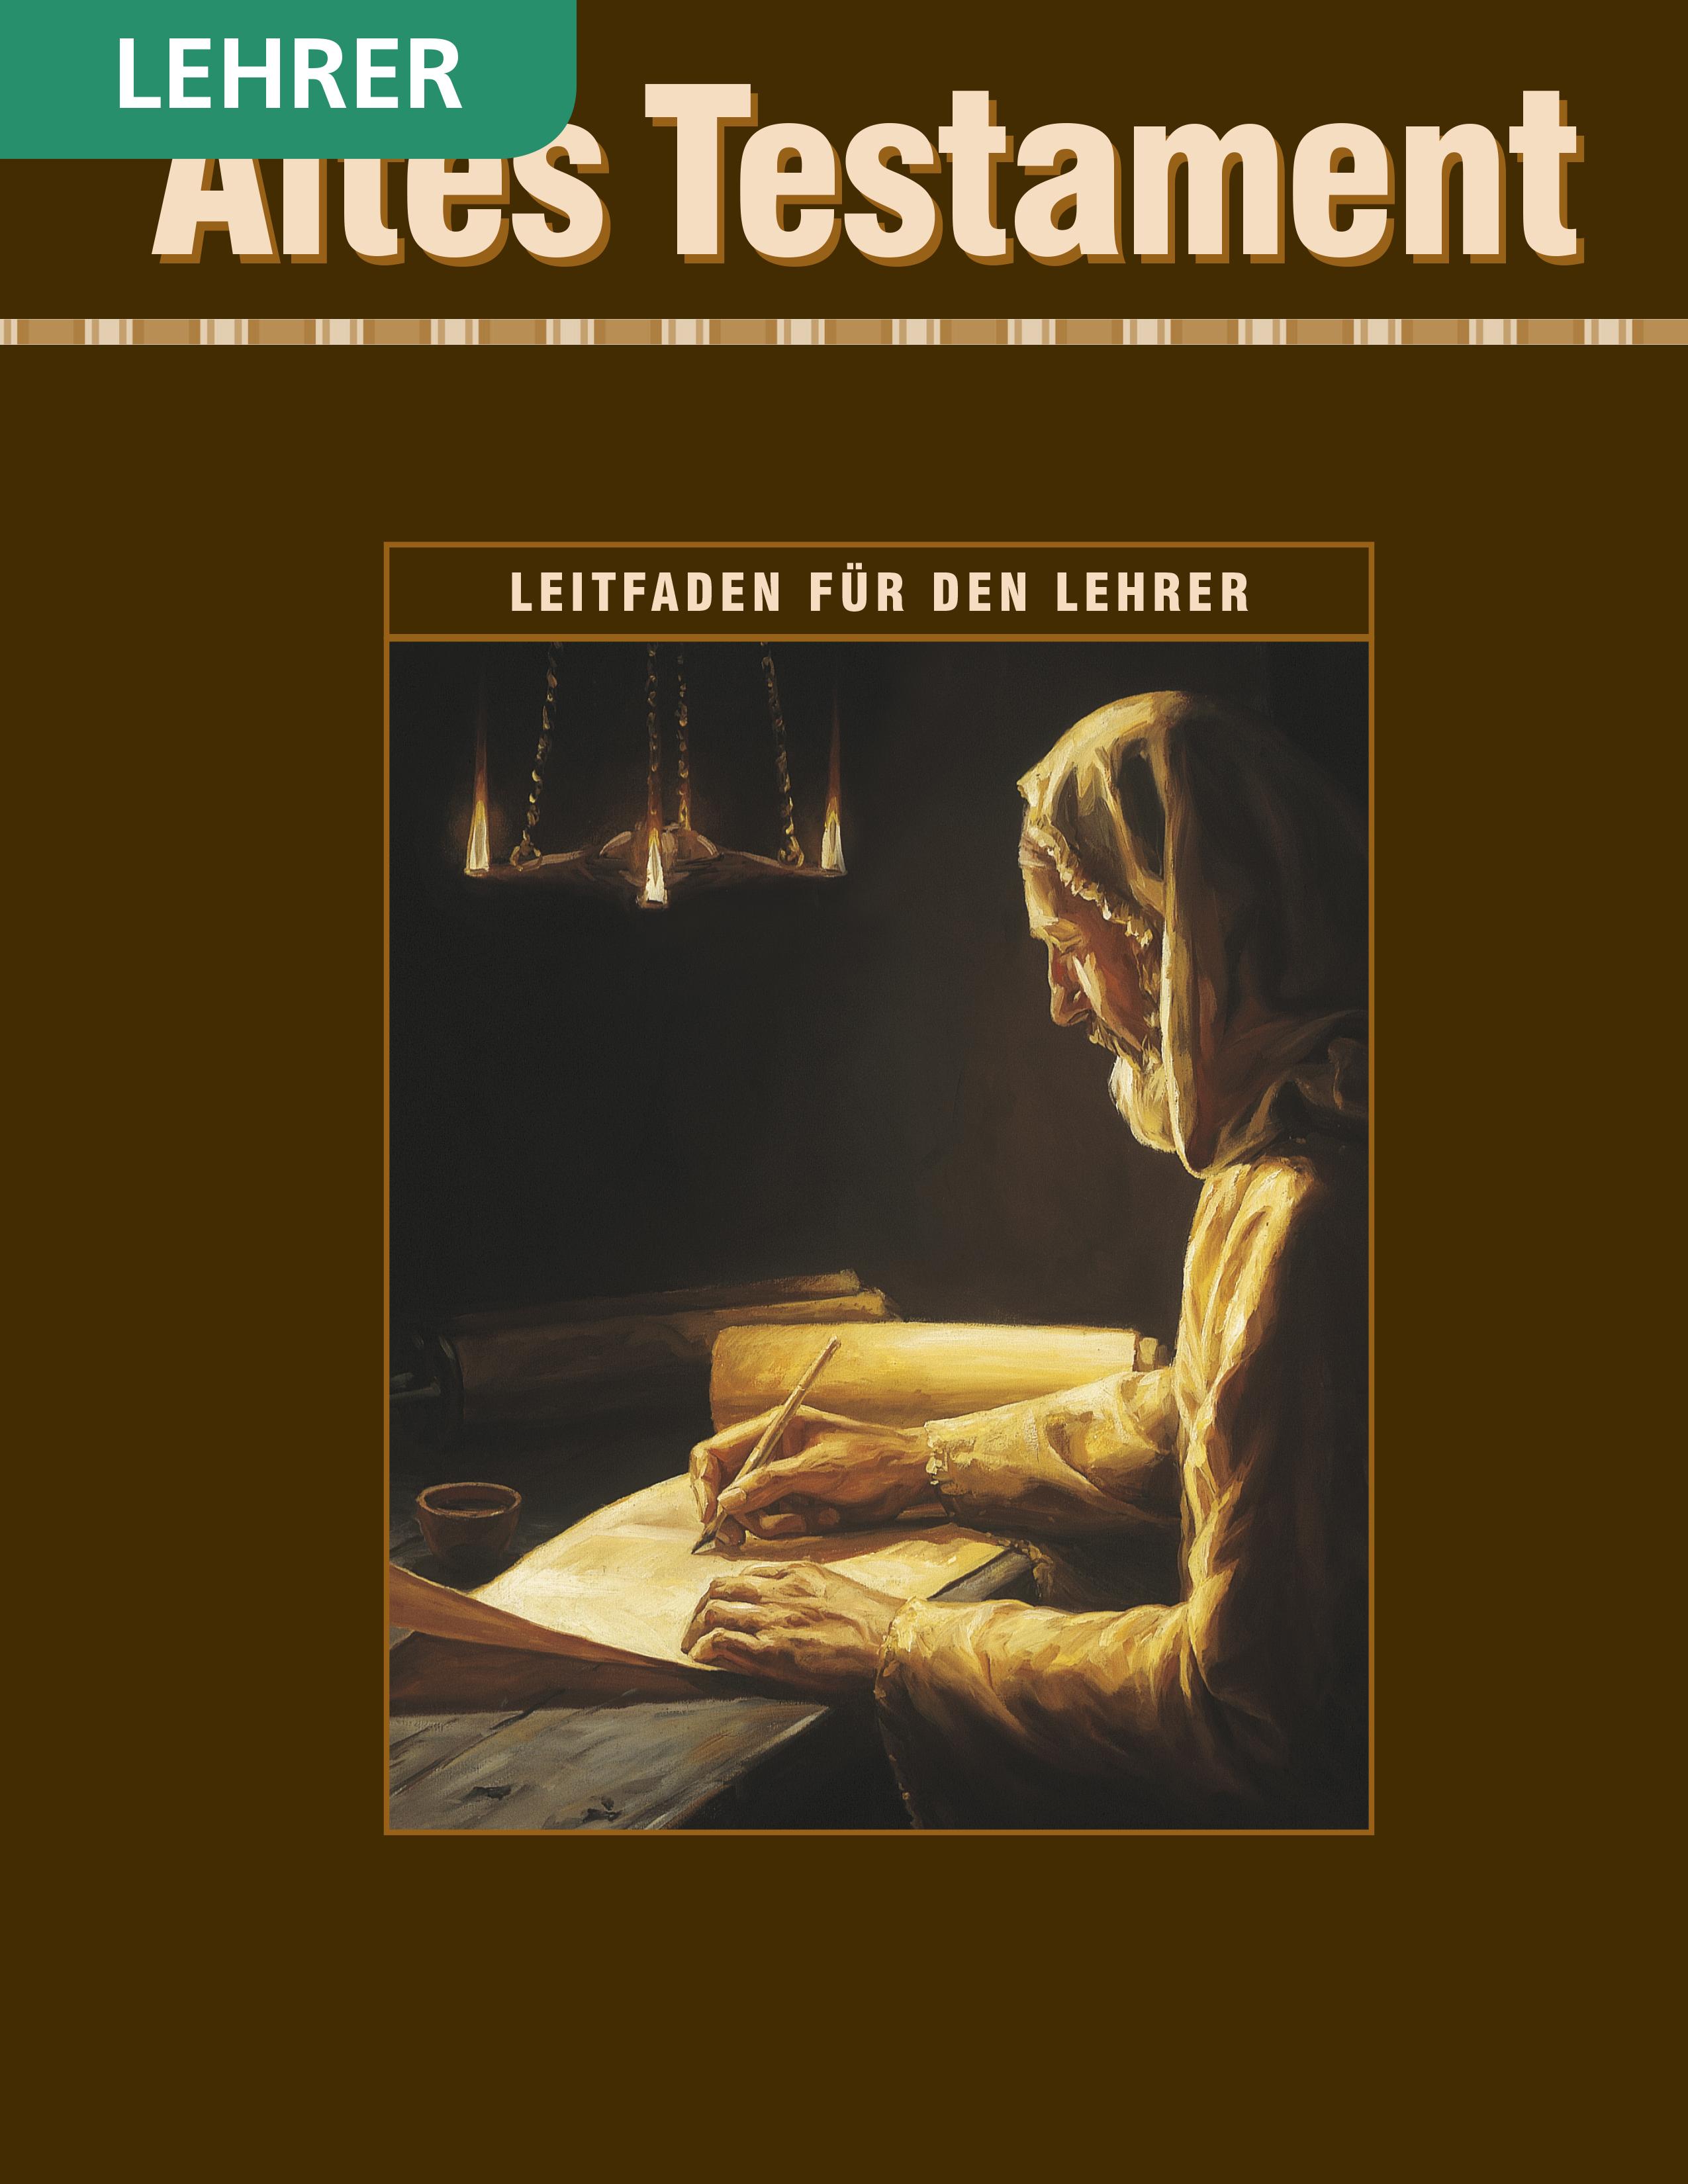 Altes Testament– Seminarleitfaden für den Lehrer